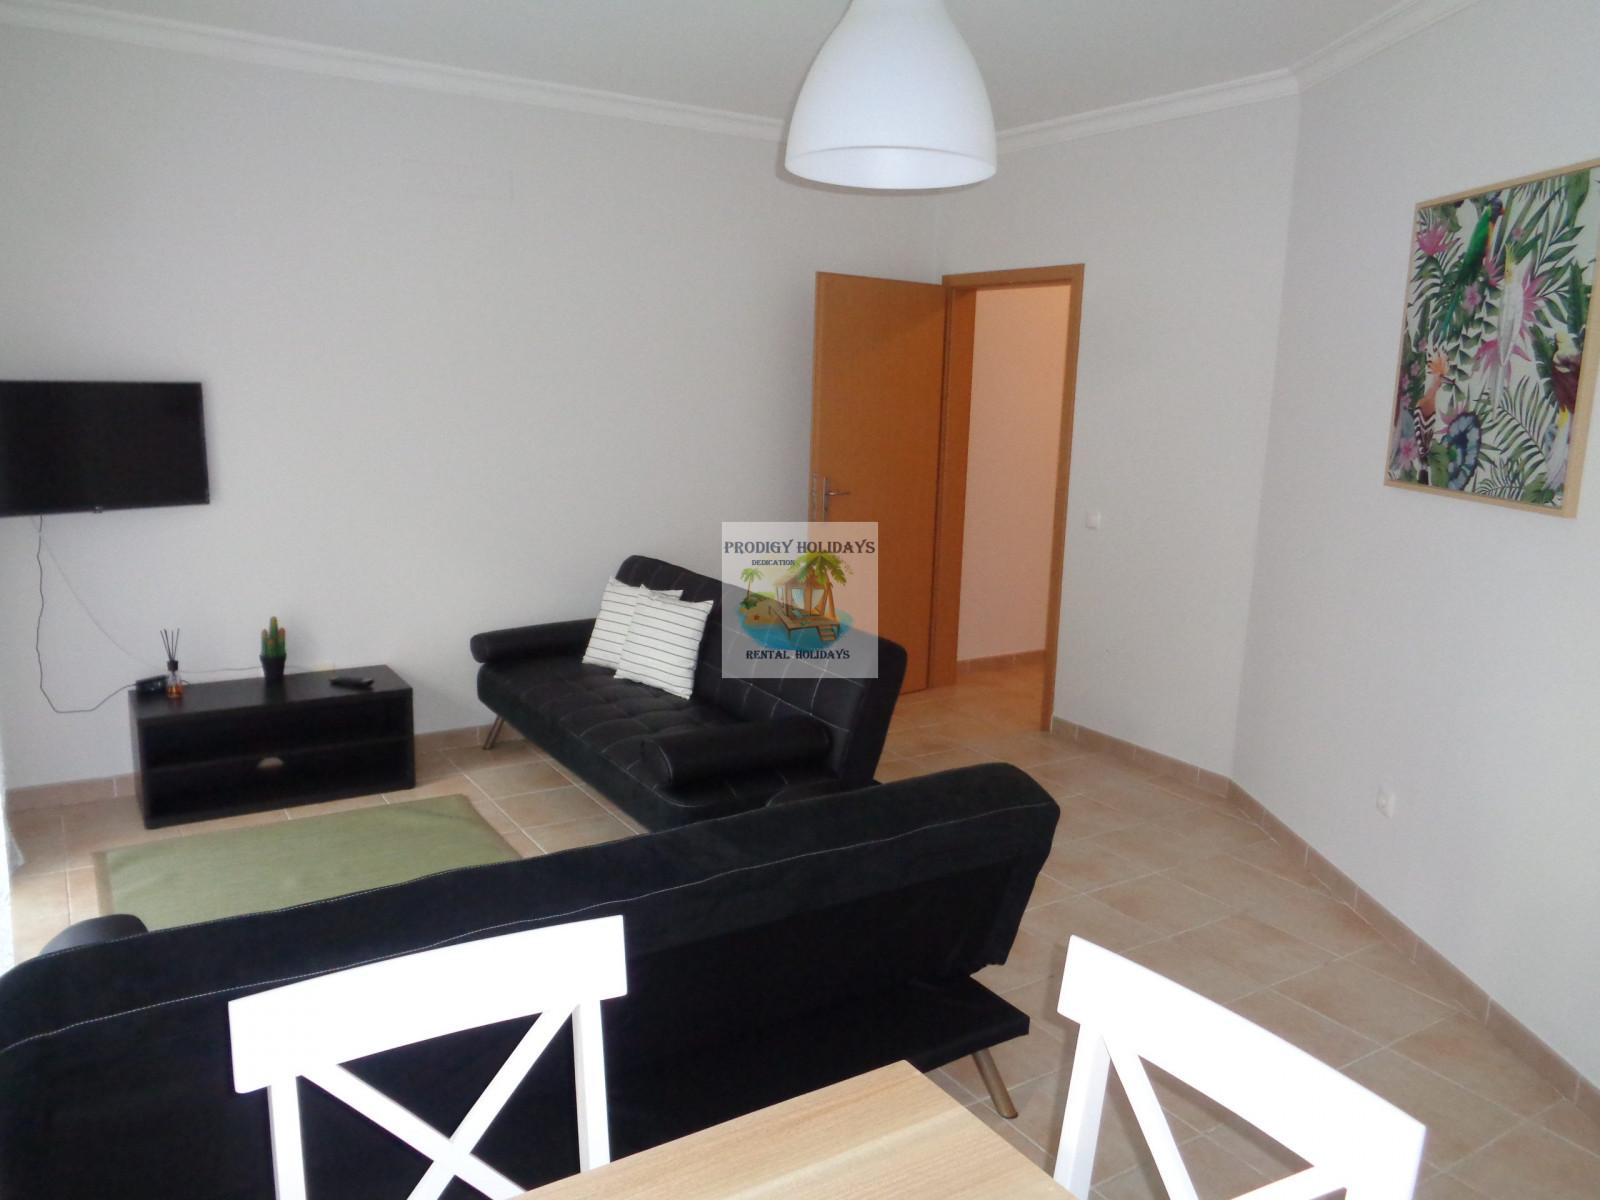 imagens-apartamentos-19-scaled